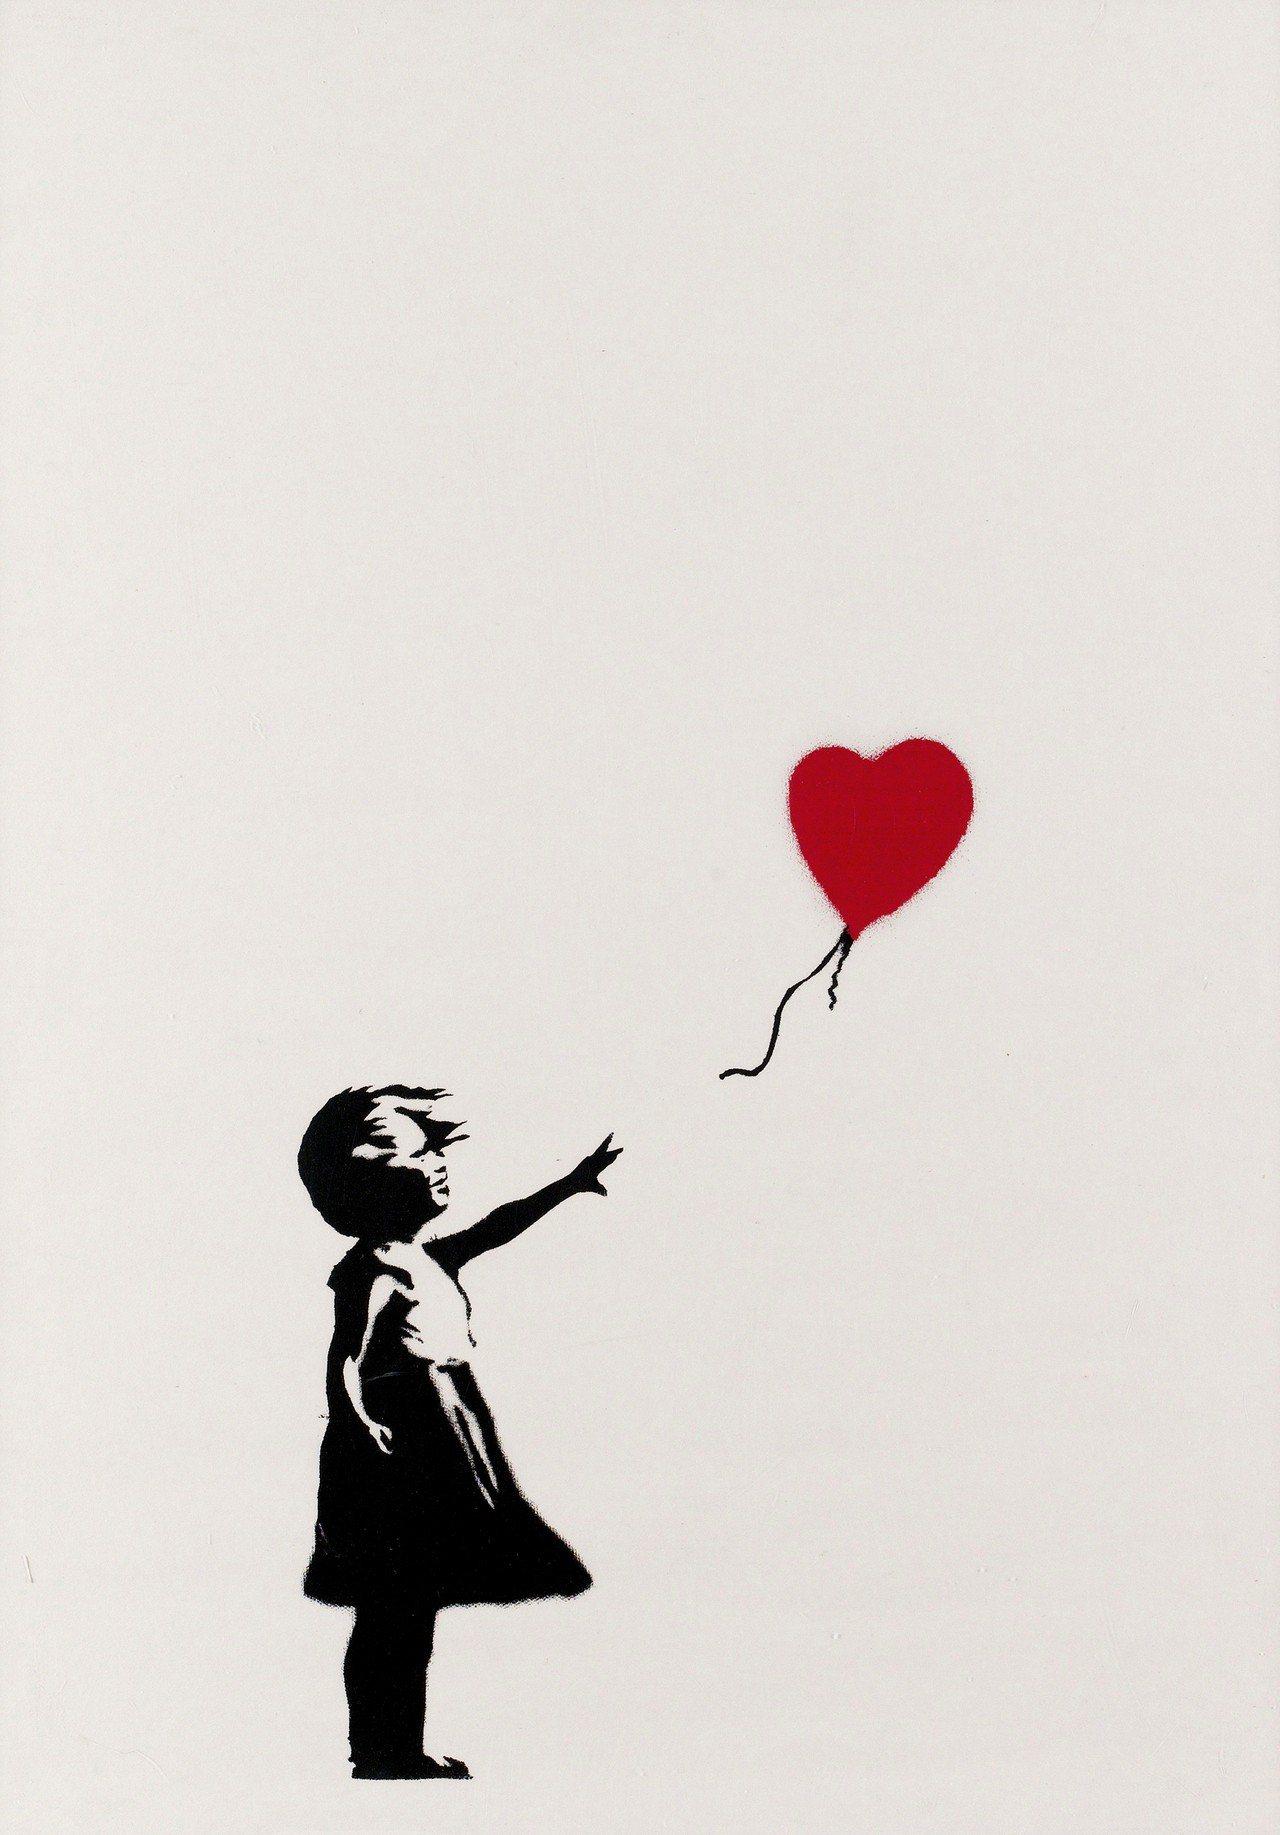 去年拍賣後自毀的2004年作品《女孩與氣球》,拍賣後改名《垃圾桶中的愛》。圖/富...